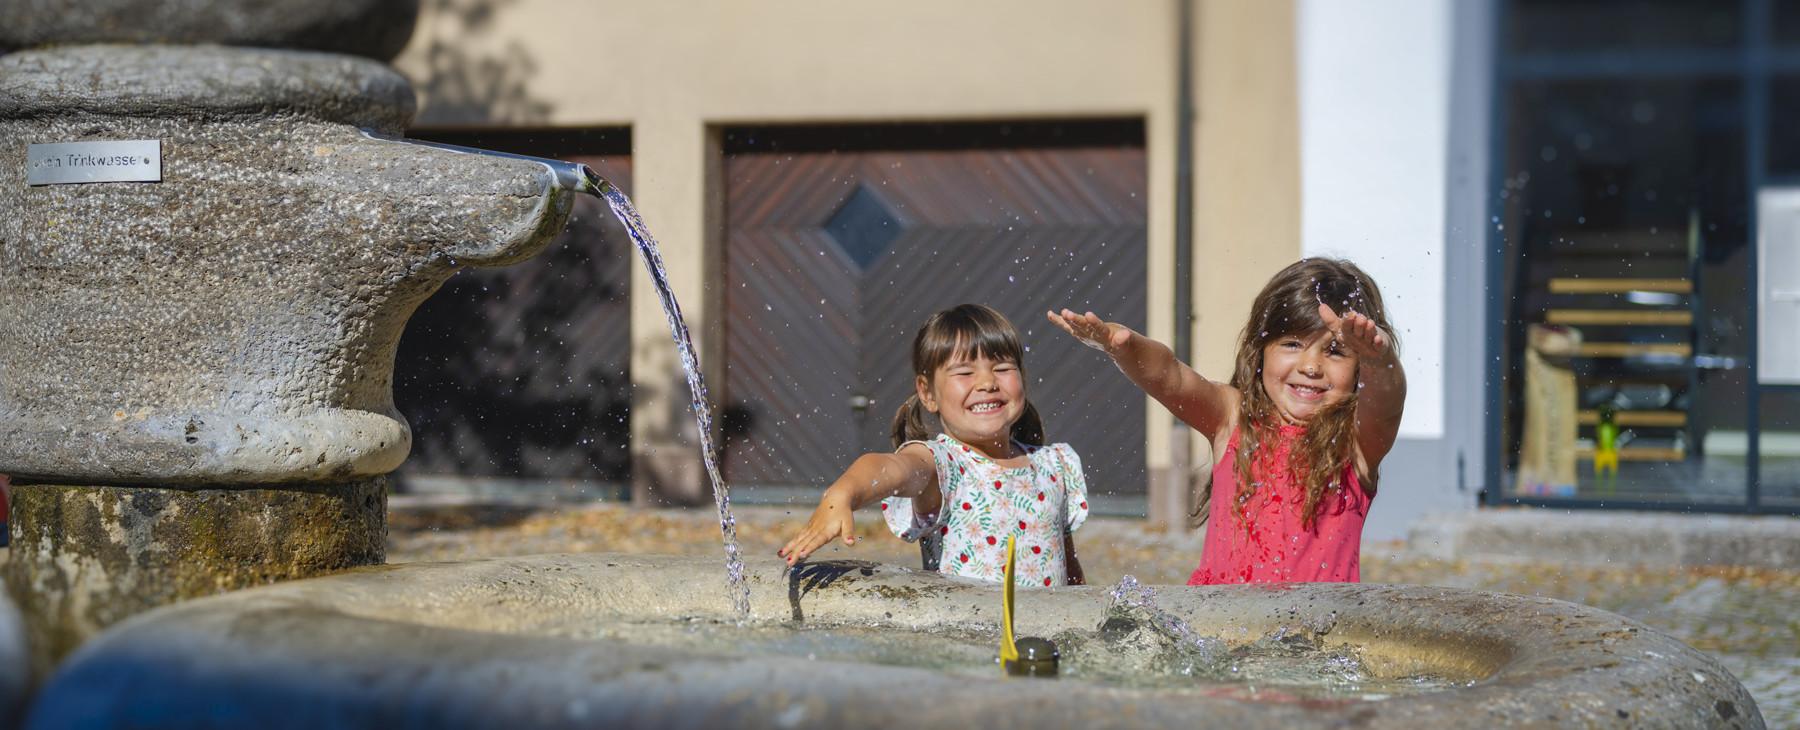 Zwei Mädchen plantschen mit den Händen in einem Brunnen und haben viel Spaß dabei